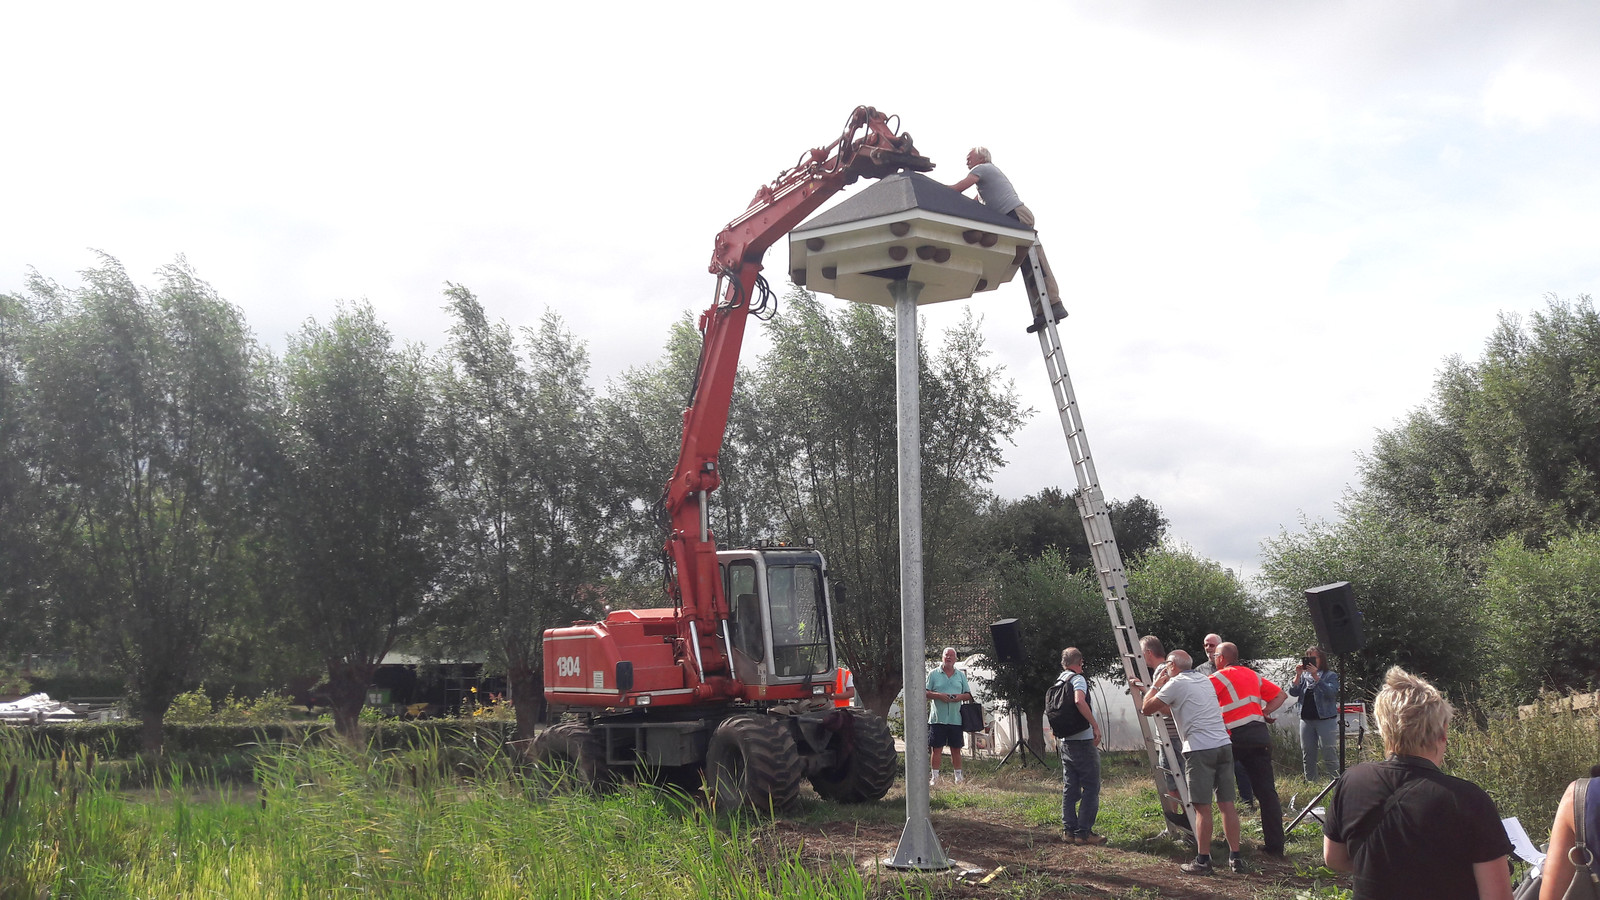 Aan de Eikenlaan in Sleeuwijk wordt de laatste hand gelegd aan de huisszwaluwentil, die moet helpen tegen muggenoverlast.